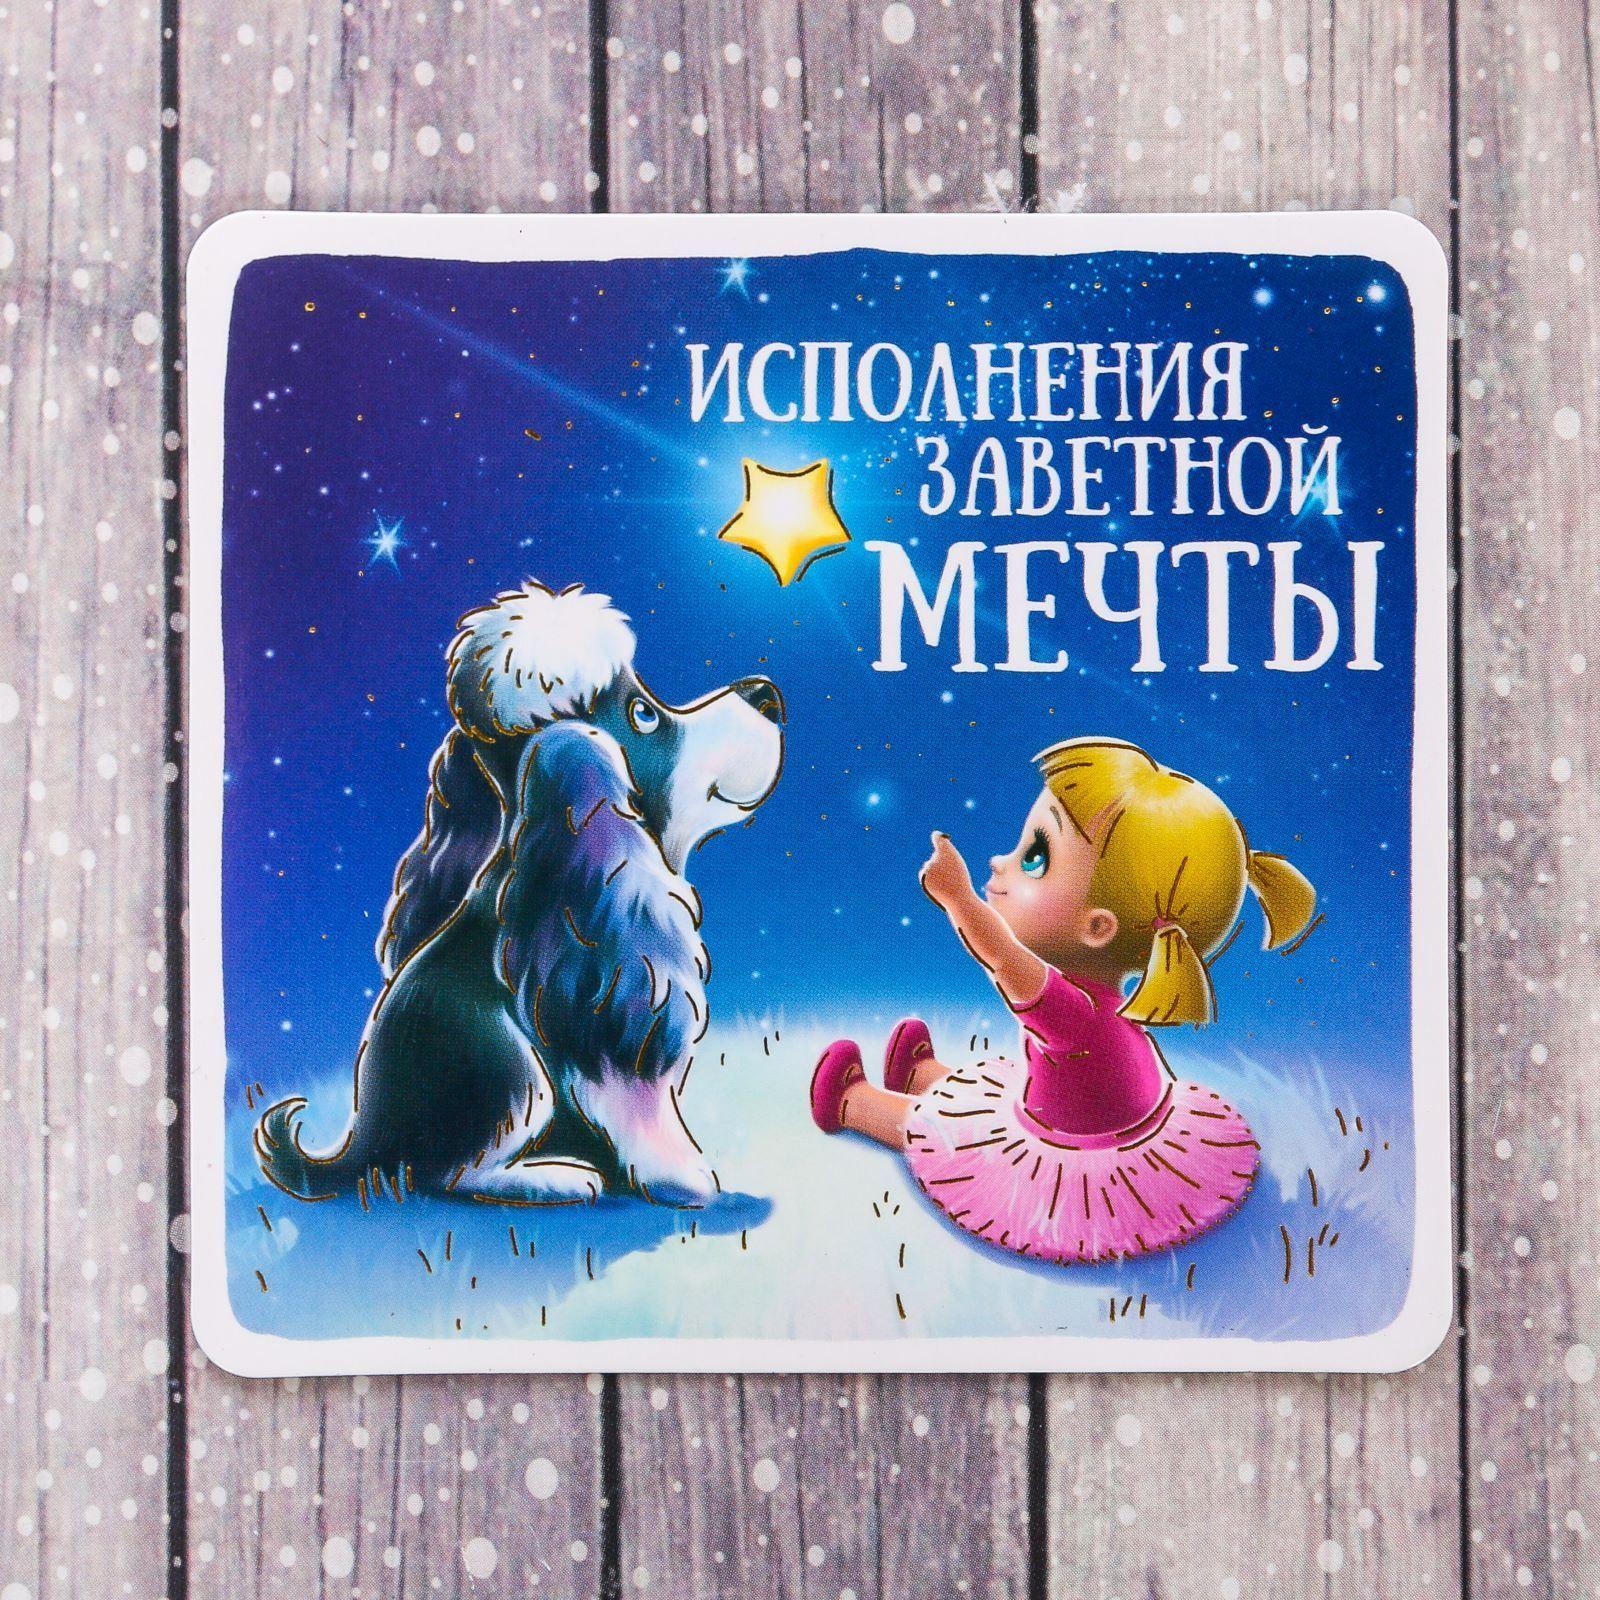 Магнит Sima-land Исполнения заветной мечты, 7,9 х 7,3 см1894032Порадуйте родных и близких оригинальным сувениром: преподнесите в подарок магнит. С ним даже самый серьёзный человек почувствует себя ребёнком, ожидающим чудо! Создайте праздничное настроение, и оно останется с вами на весь год.